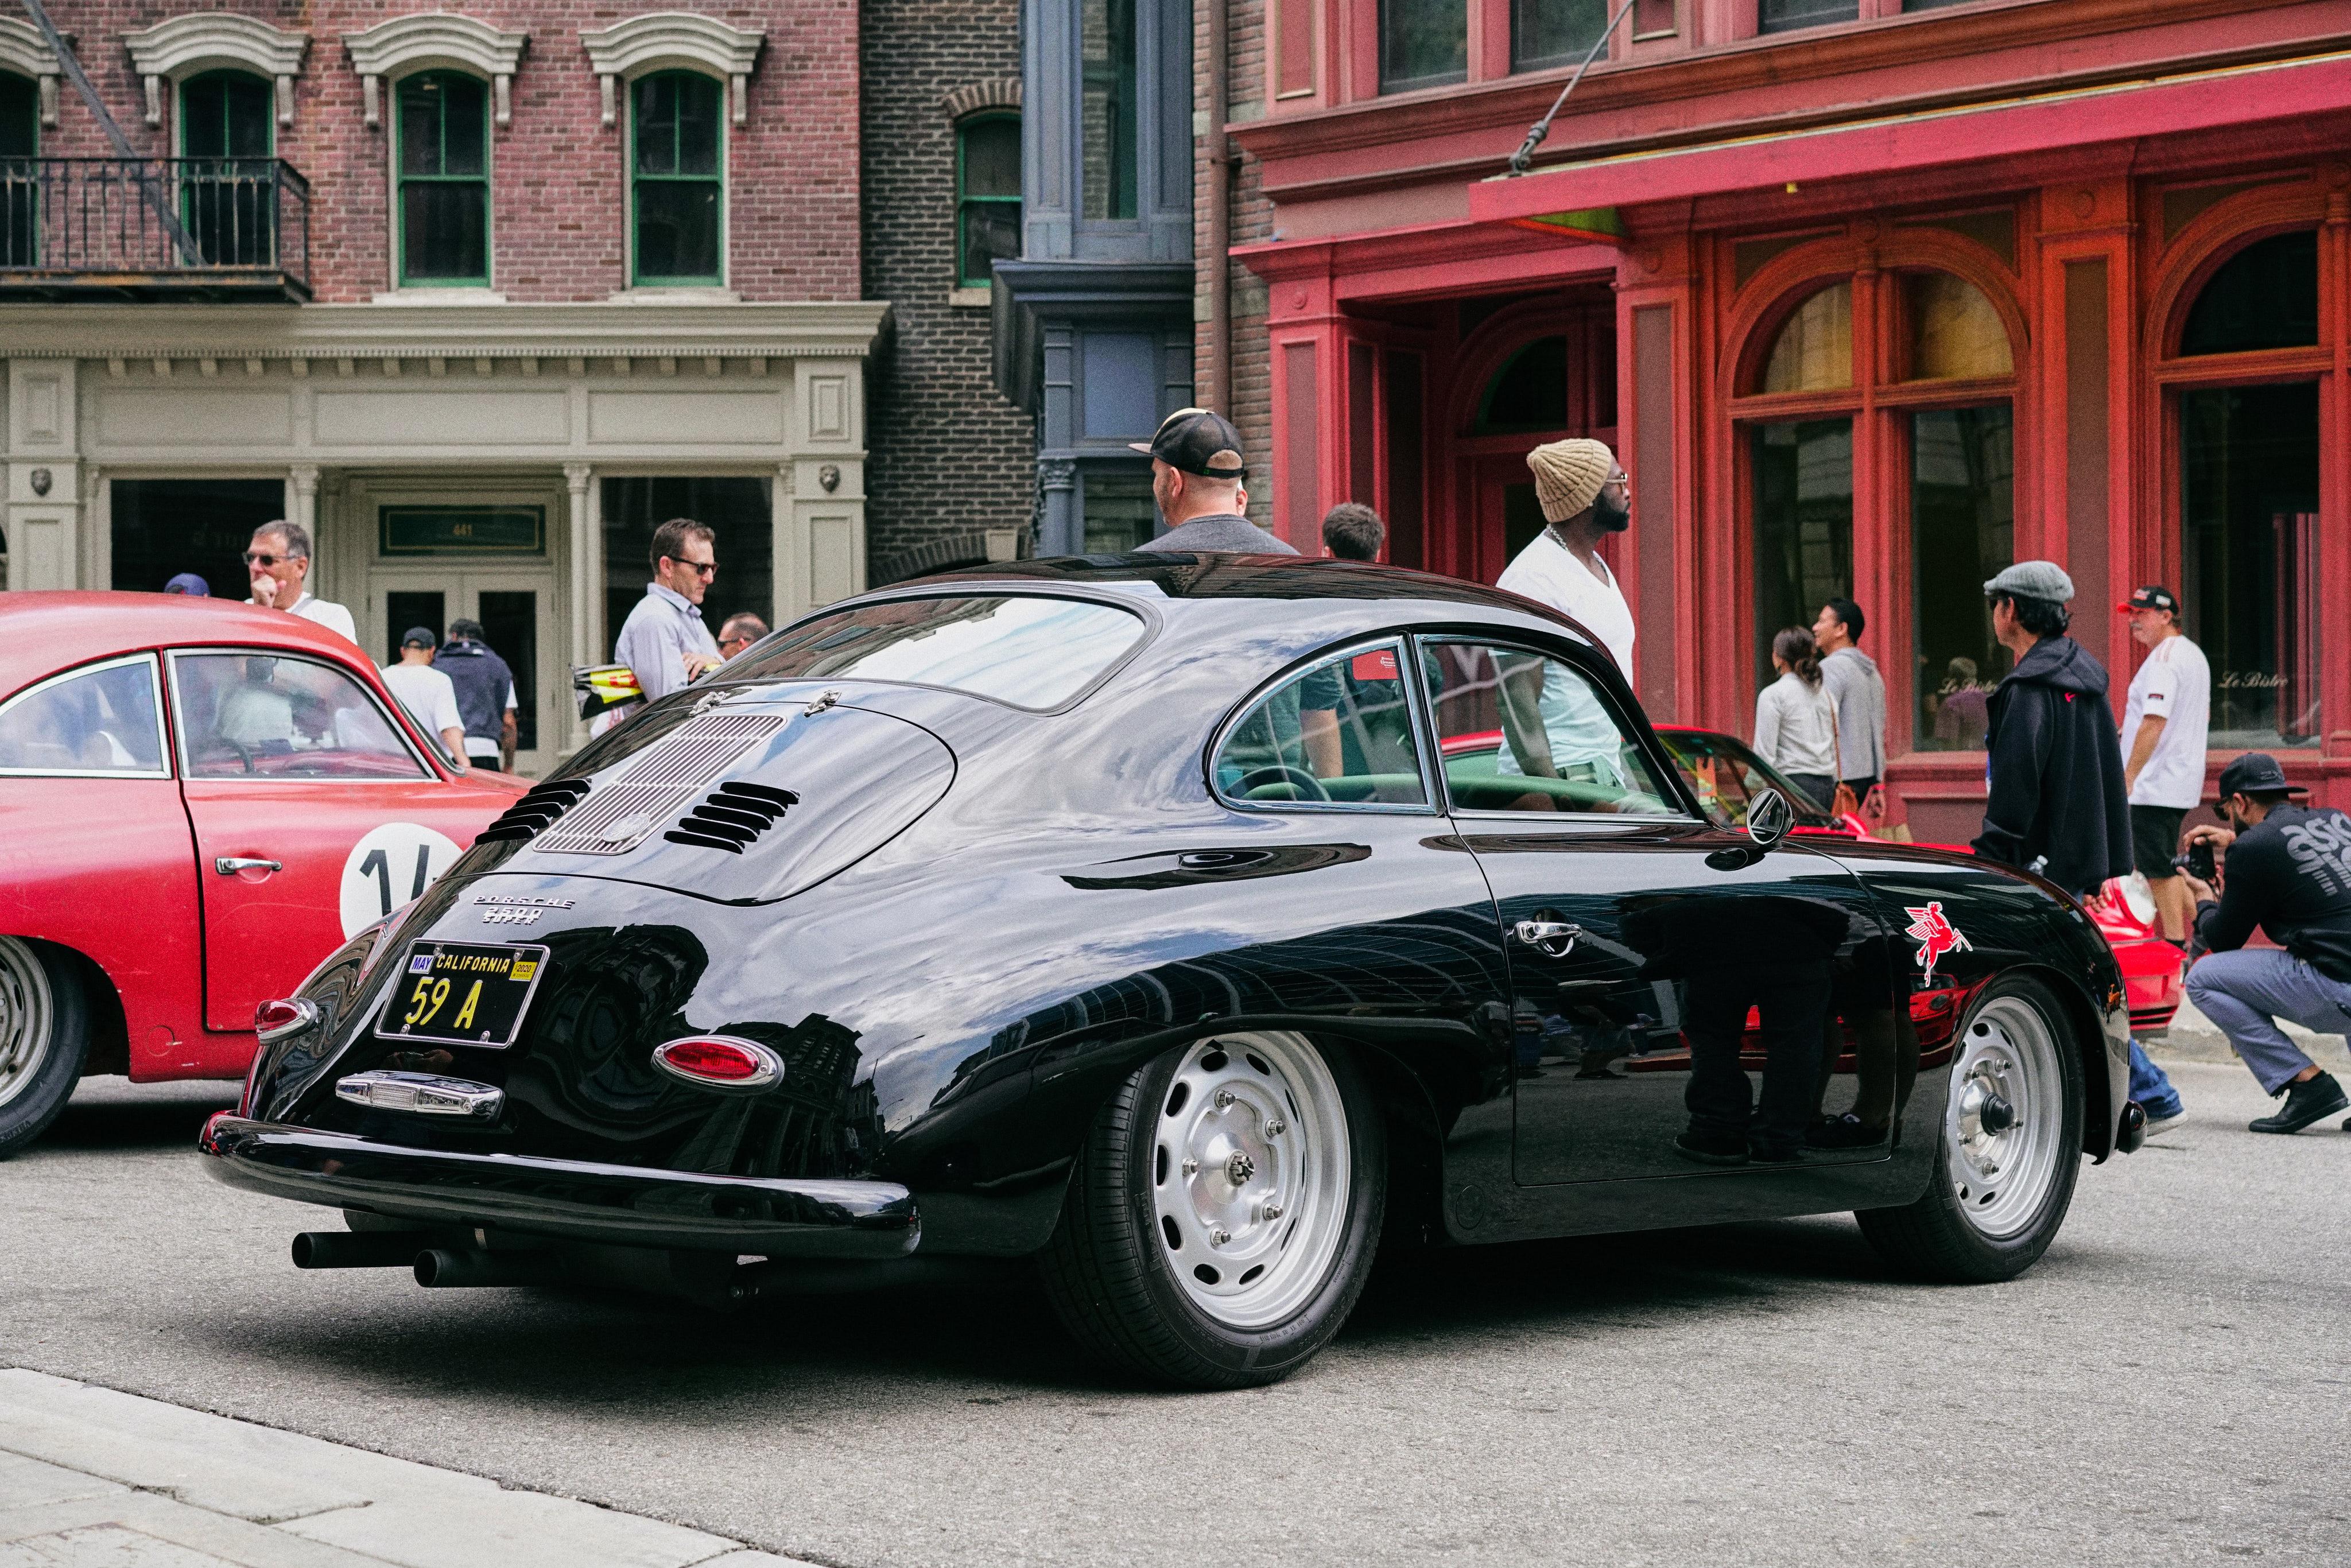 Luftgekühlt-6-Rennen-38-Porsche-356-1959-A-Rod-Emory-Outlaw